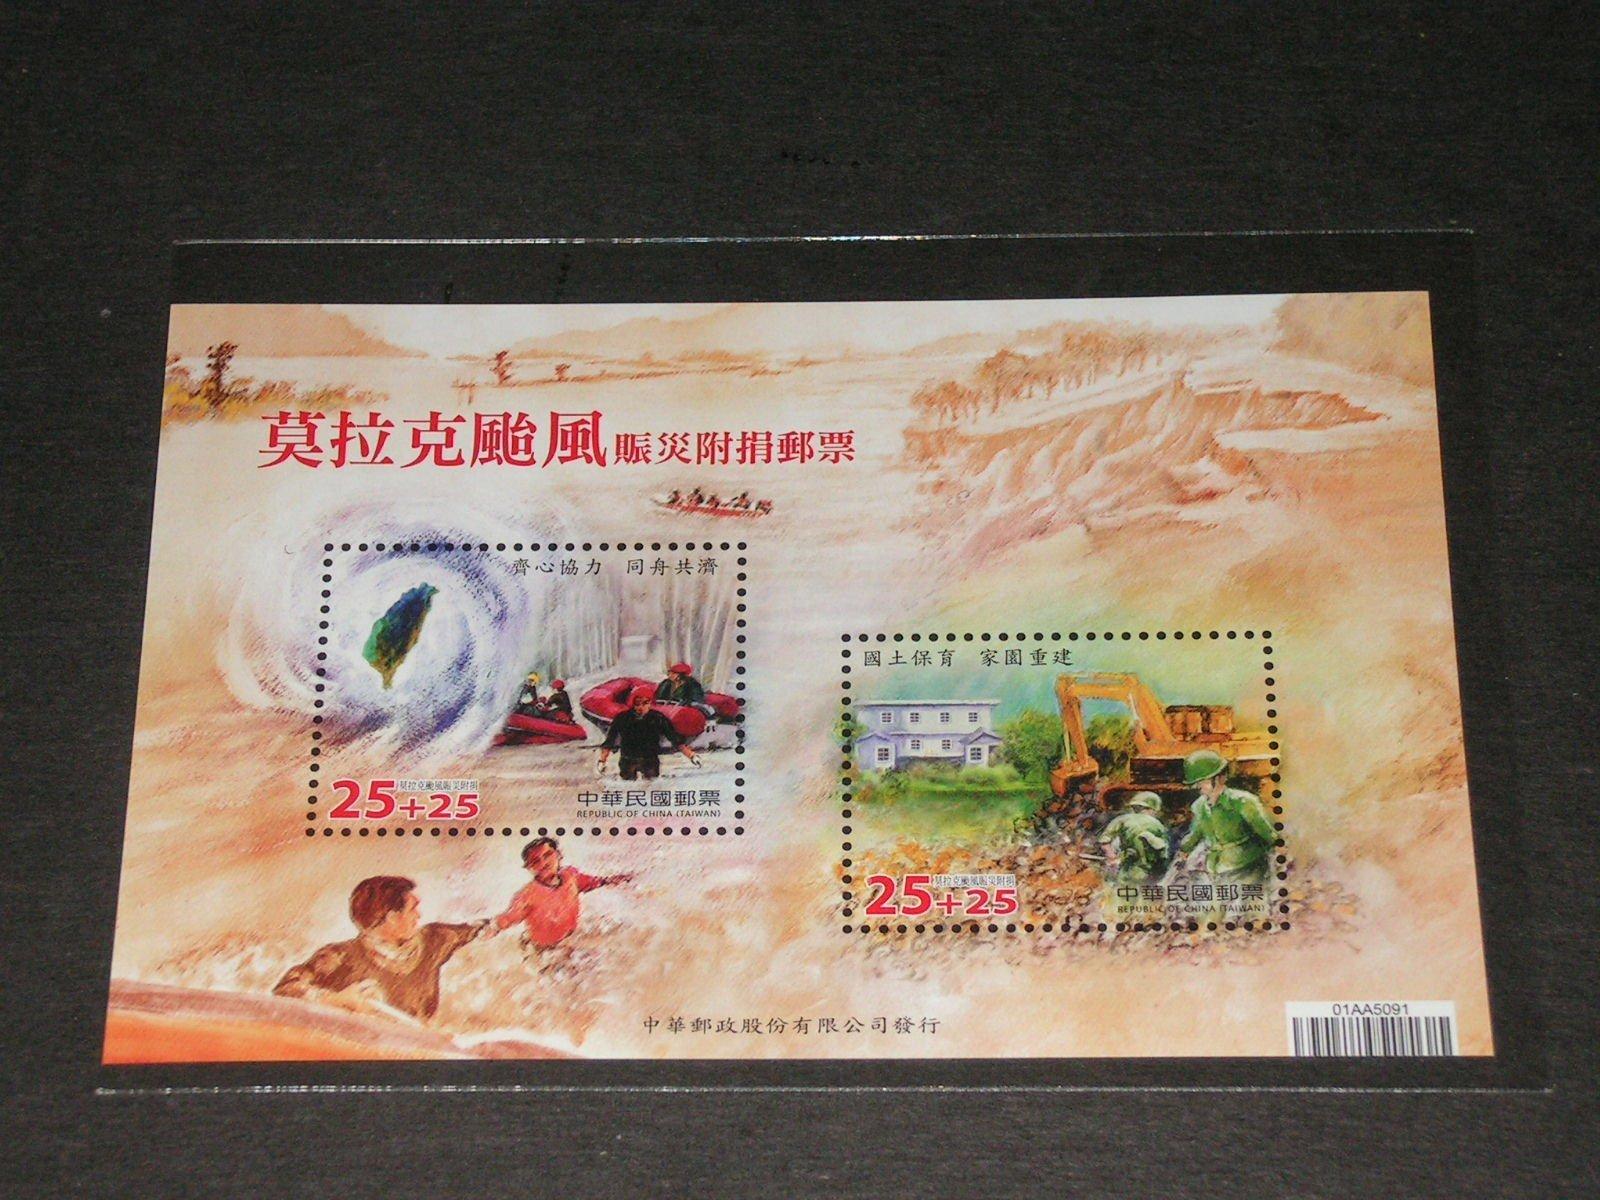 【愛郵者】〈小全張〉98年 莫拉克颱風賑災附捐 回流上品 原膠.未輕貼 少 直接買 / 慈6 98-16M